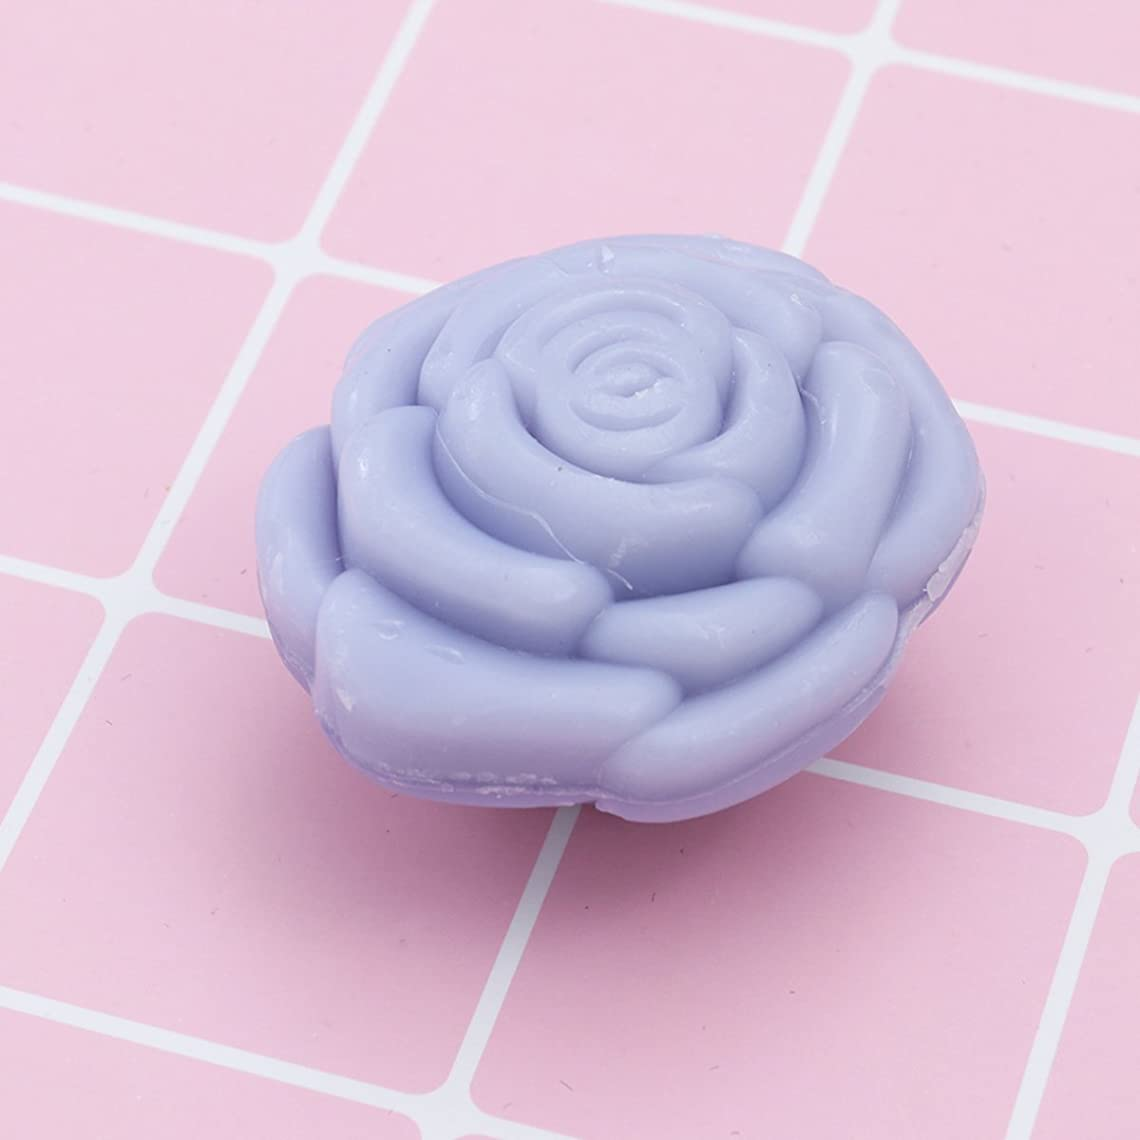 旅客前提条件偽善Amosfun 手作り石鹸オイルローズフラワーソープアロマエッセンシャルオイルギフト記念日誕生日結婚式バレンタインデー(紫)20ピース